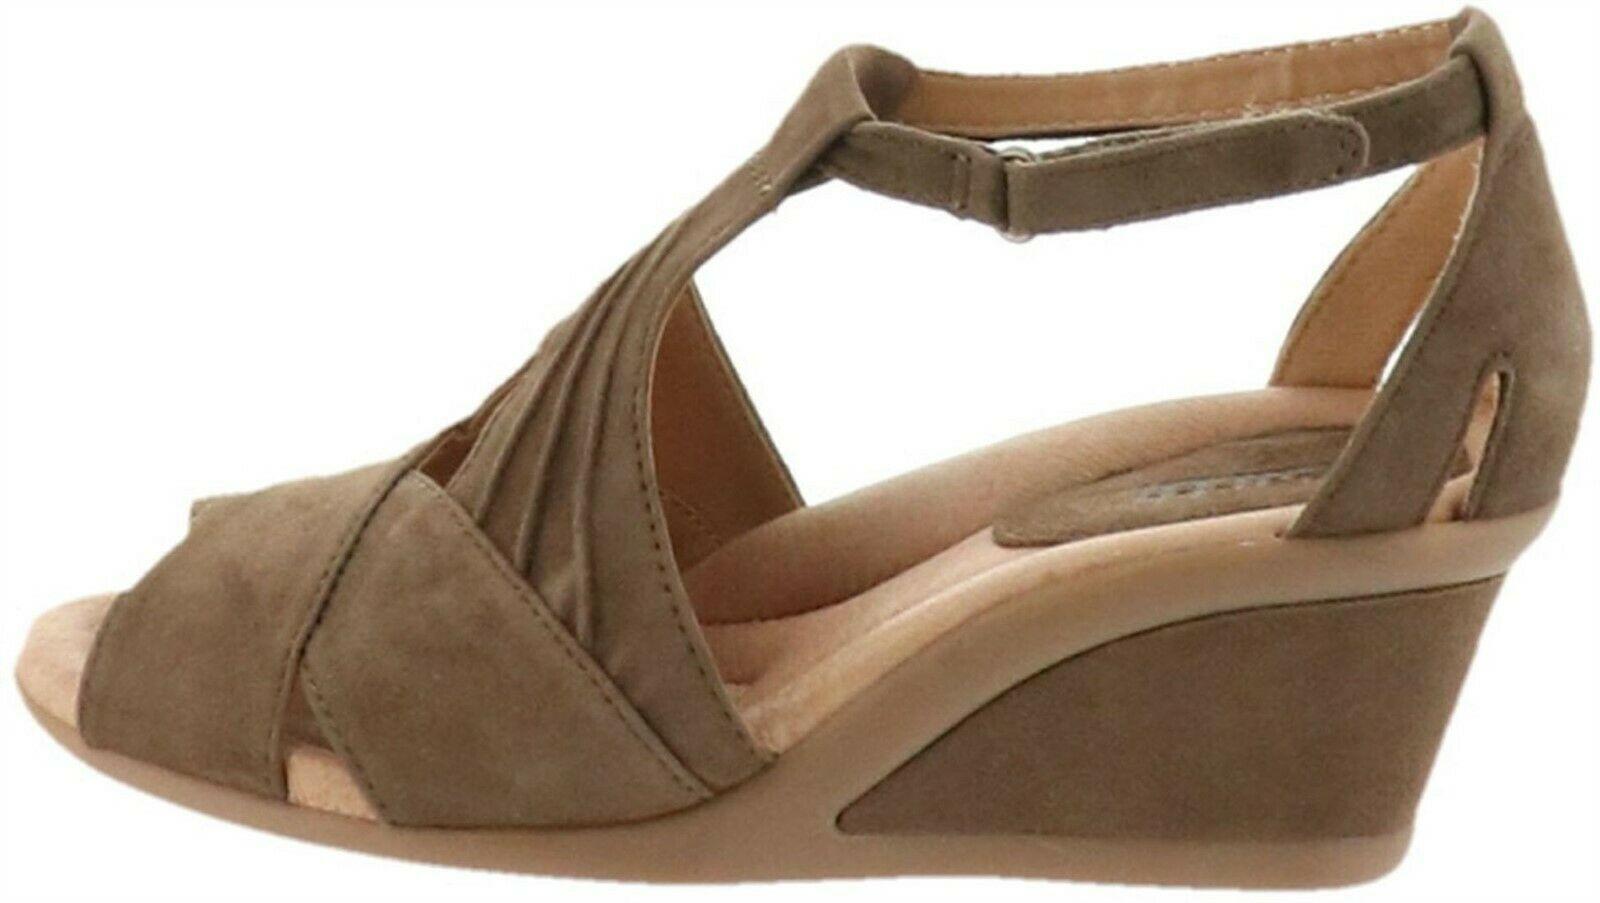 Earth Suede Peep-Toe Wedge Sandals